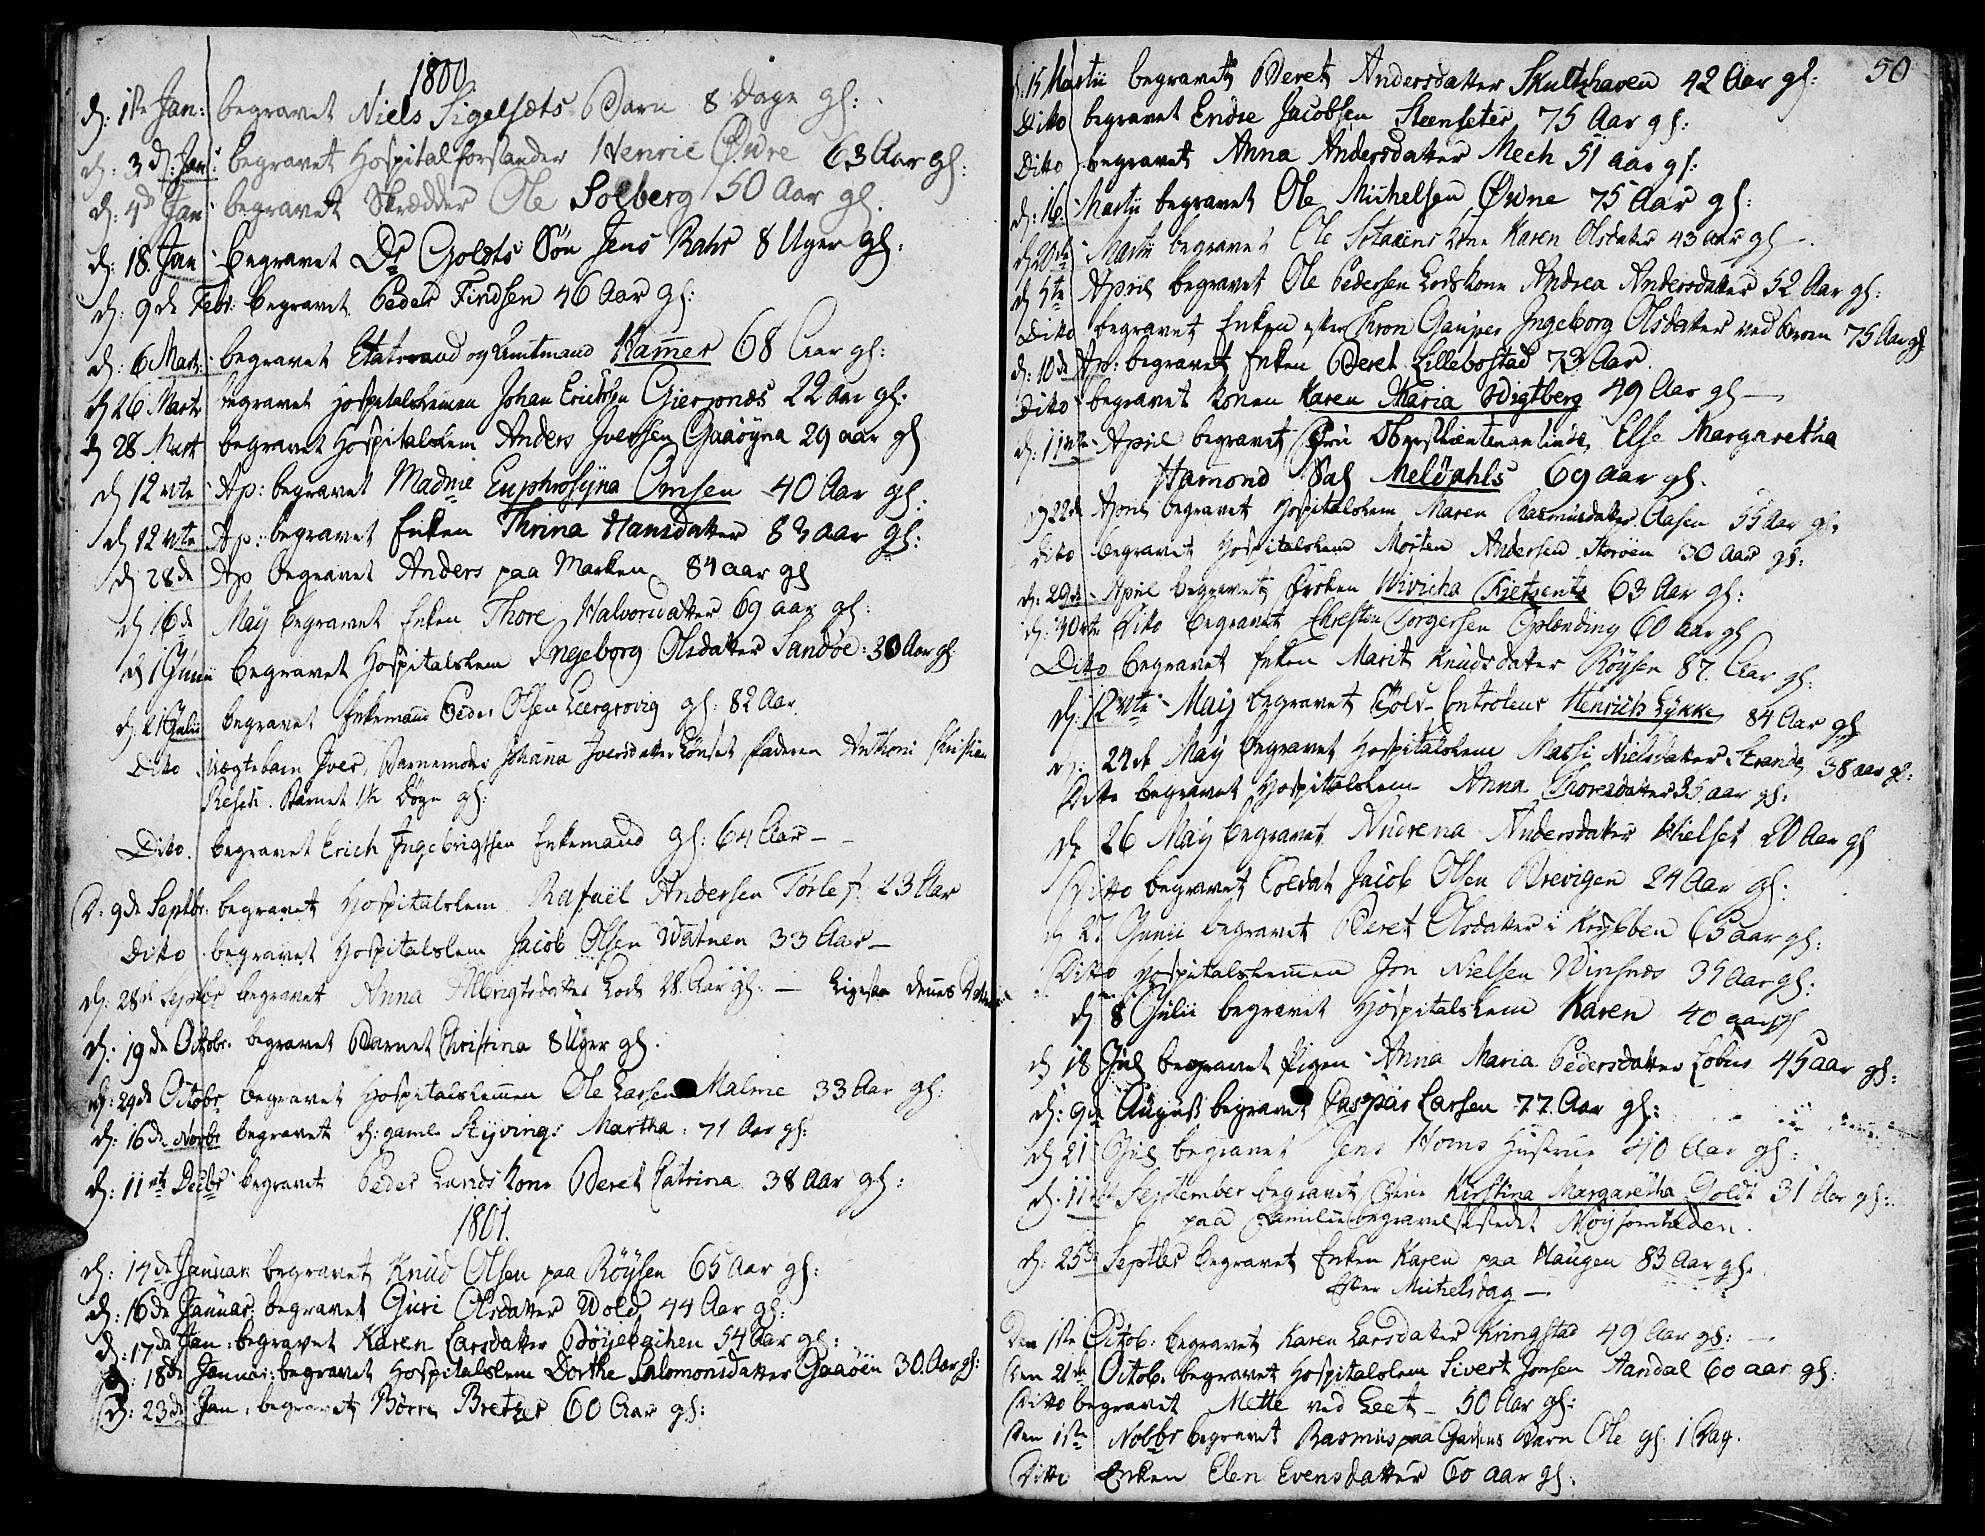 SAT, Ministerialprotokoller, klokkerbøker og fødselsregistre - Møre og Romsdal, 558/L0687: Ministerialbok nr. 558A01, 1798-1818, s. 50